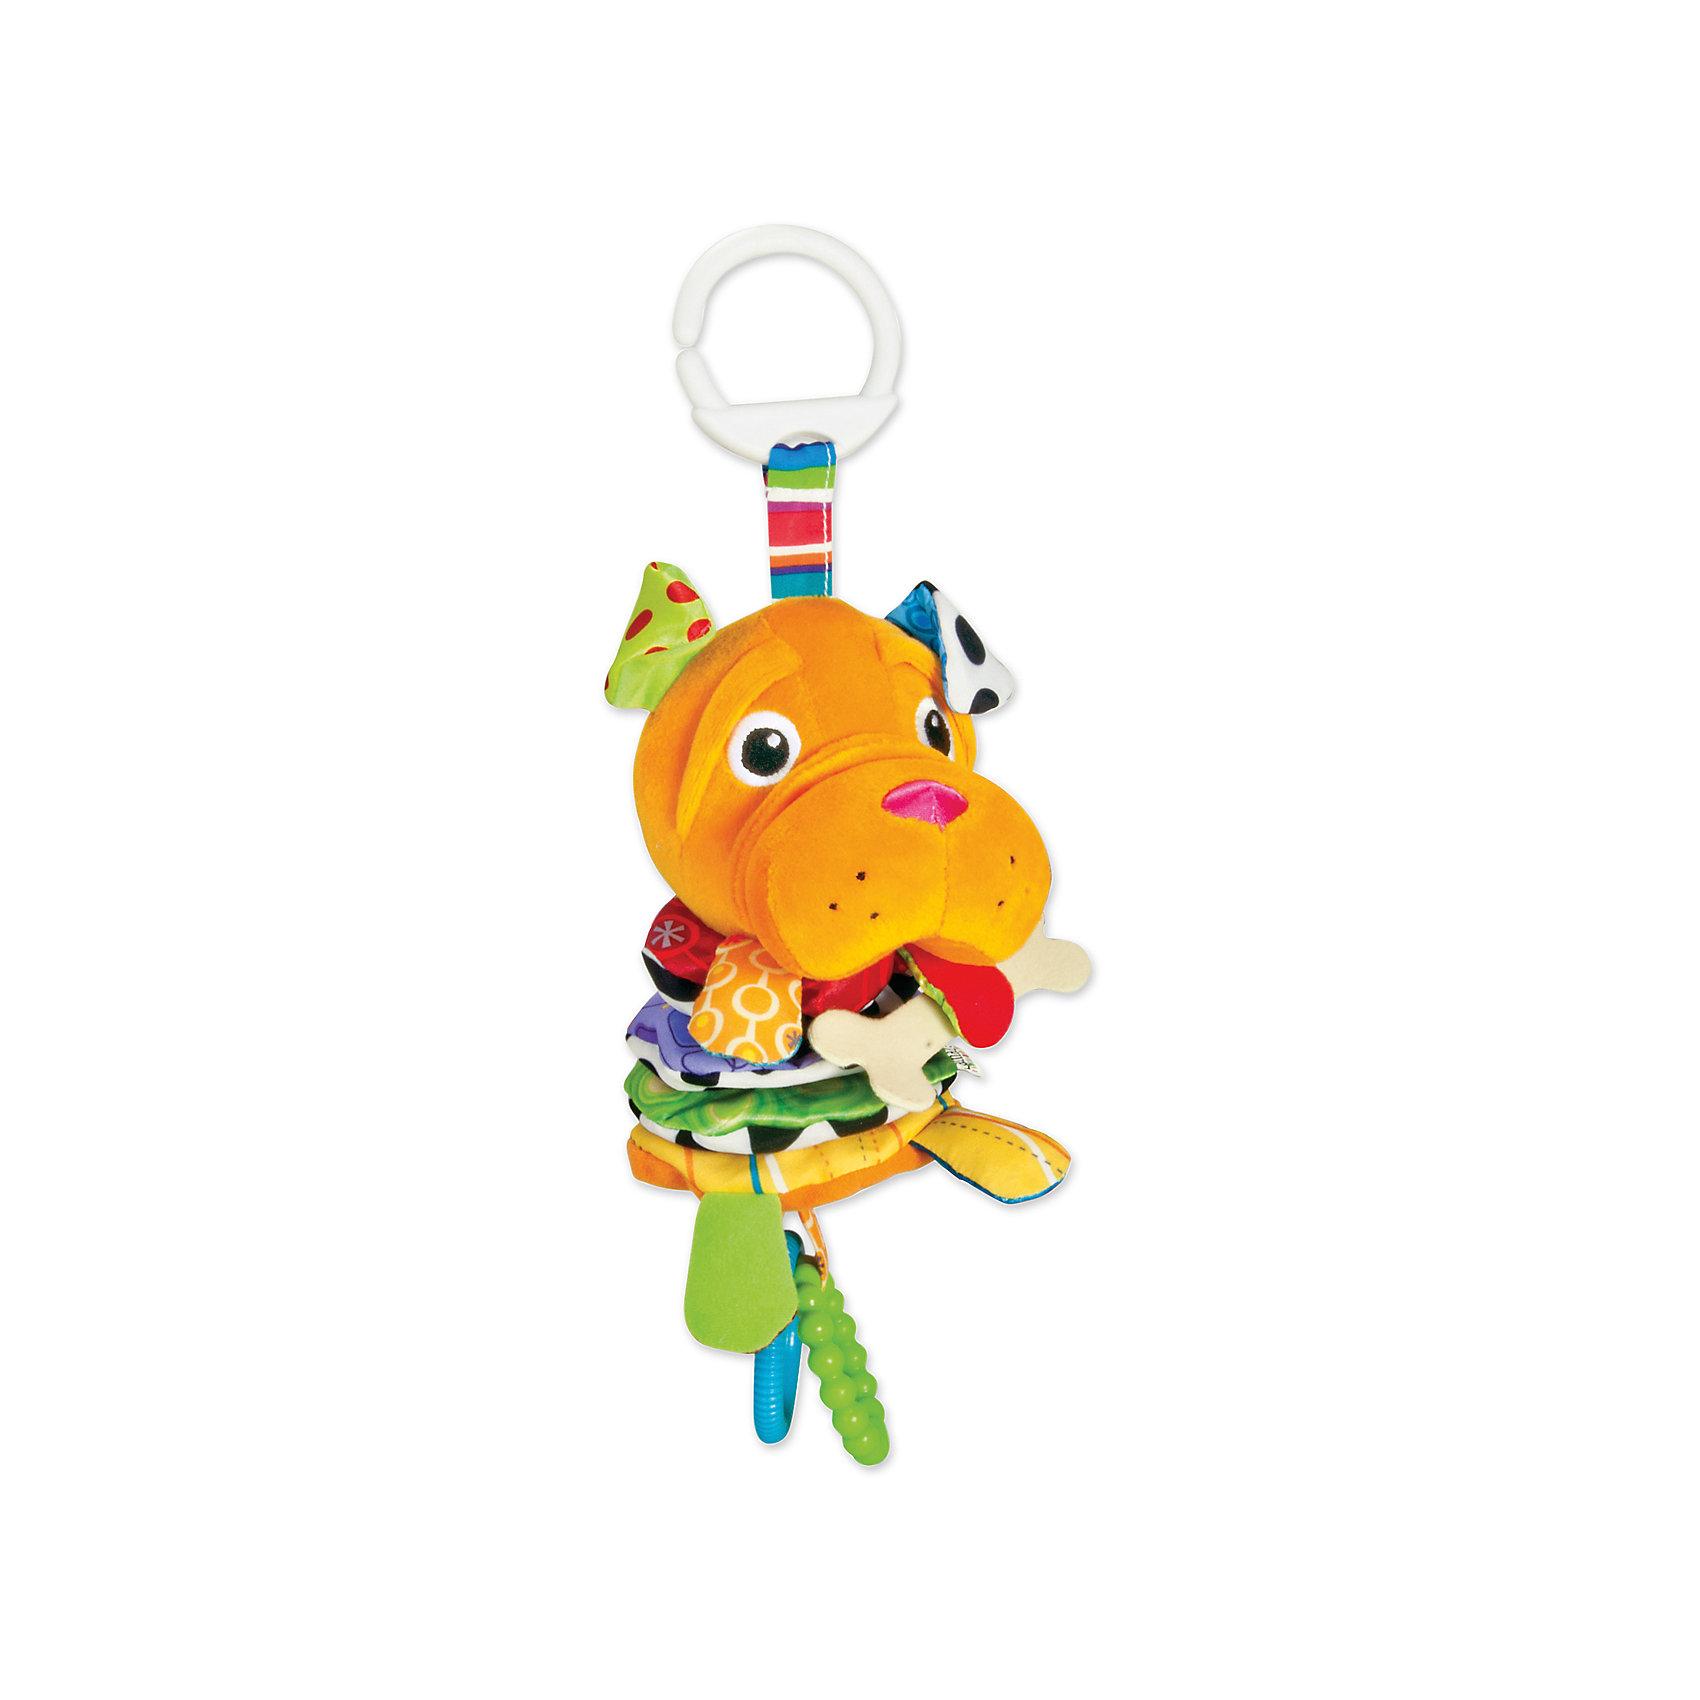 Мягкая погремушка-шуршалка Шарпей Шивер с подвеской, LamazeПогремушки<br>Симпатичная игрушка Шарпей Шивер обязательно понравится ребенку. Игрушка сделана из мягких материалов разной фактуры, что развивает тактильное восприятие ребенка. Она дополнена гремящими элементами, игрушку можно повесить в коляску с помощью специального крепления.<br>Этот Шарпей обязательно займет ребенка! Игра с ним помогает детям развивать мелкую моторику, внимательность и познавать мир. Обучающая игрушка сделана из качественных и безопасных для ребенка материалов.<br><br>Дополнительная информация:<br><br>цвет: разноцветный;<br>размер: 28 х 10 х 11 см;<br>материал: текстиль.<br><br>Мягкую погремушку-шуршалку Шарпей Шивер с подвеской, Tomy Lamazeможно купить в нашем магазине.<br><br>Ширина мм: 125<br>Глубина мм: 160<br>Высота мм: 100<br>Вес г: 155<br>Возраст от месяцев: -2147483648<br>Возраст до месяцев: 2147483647<br>Пол: Унисекс<br>Возраст: Детский<br>SKU: 4918487